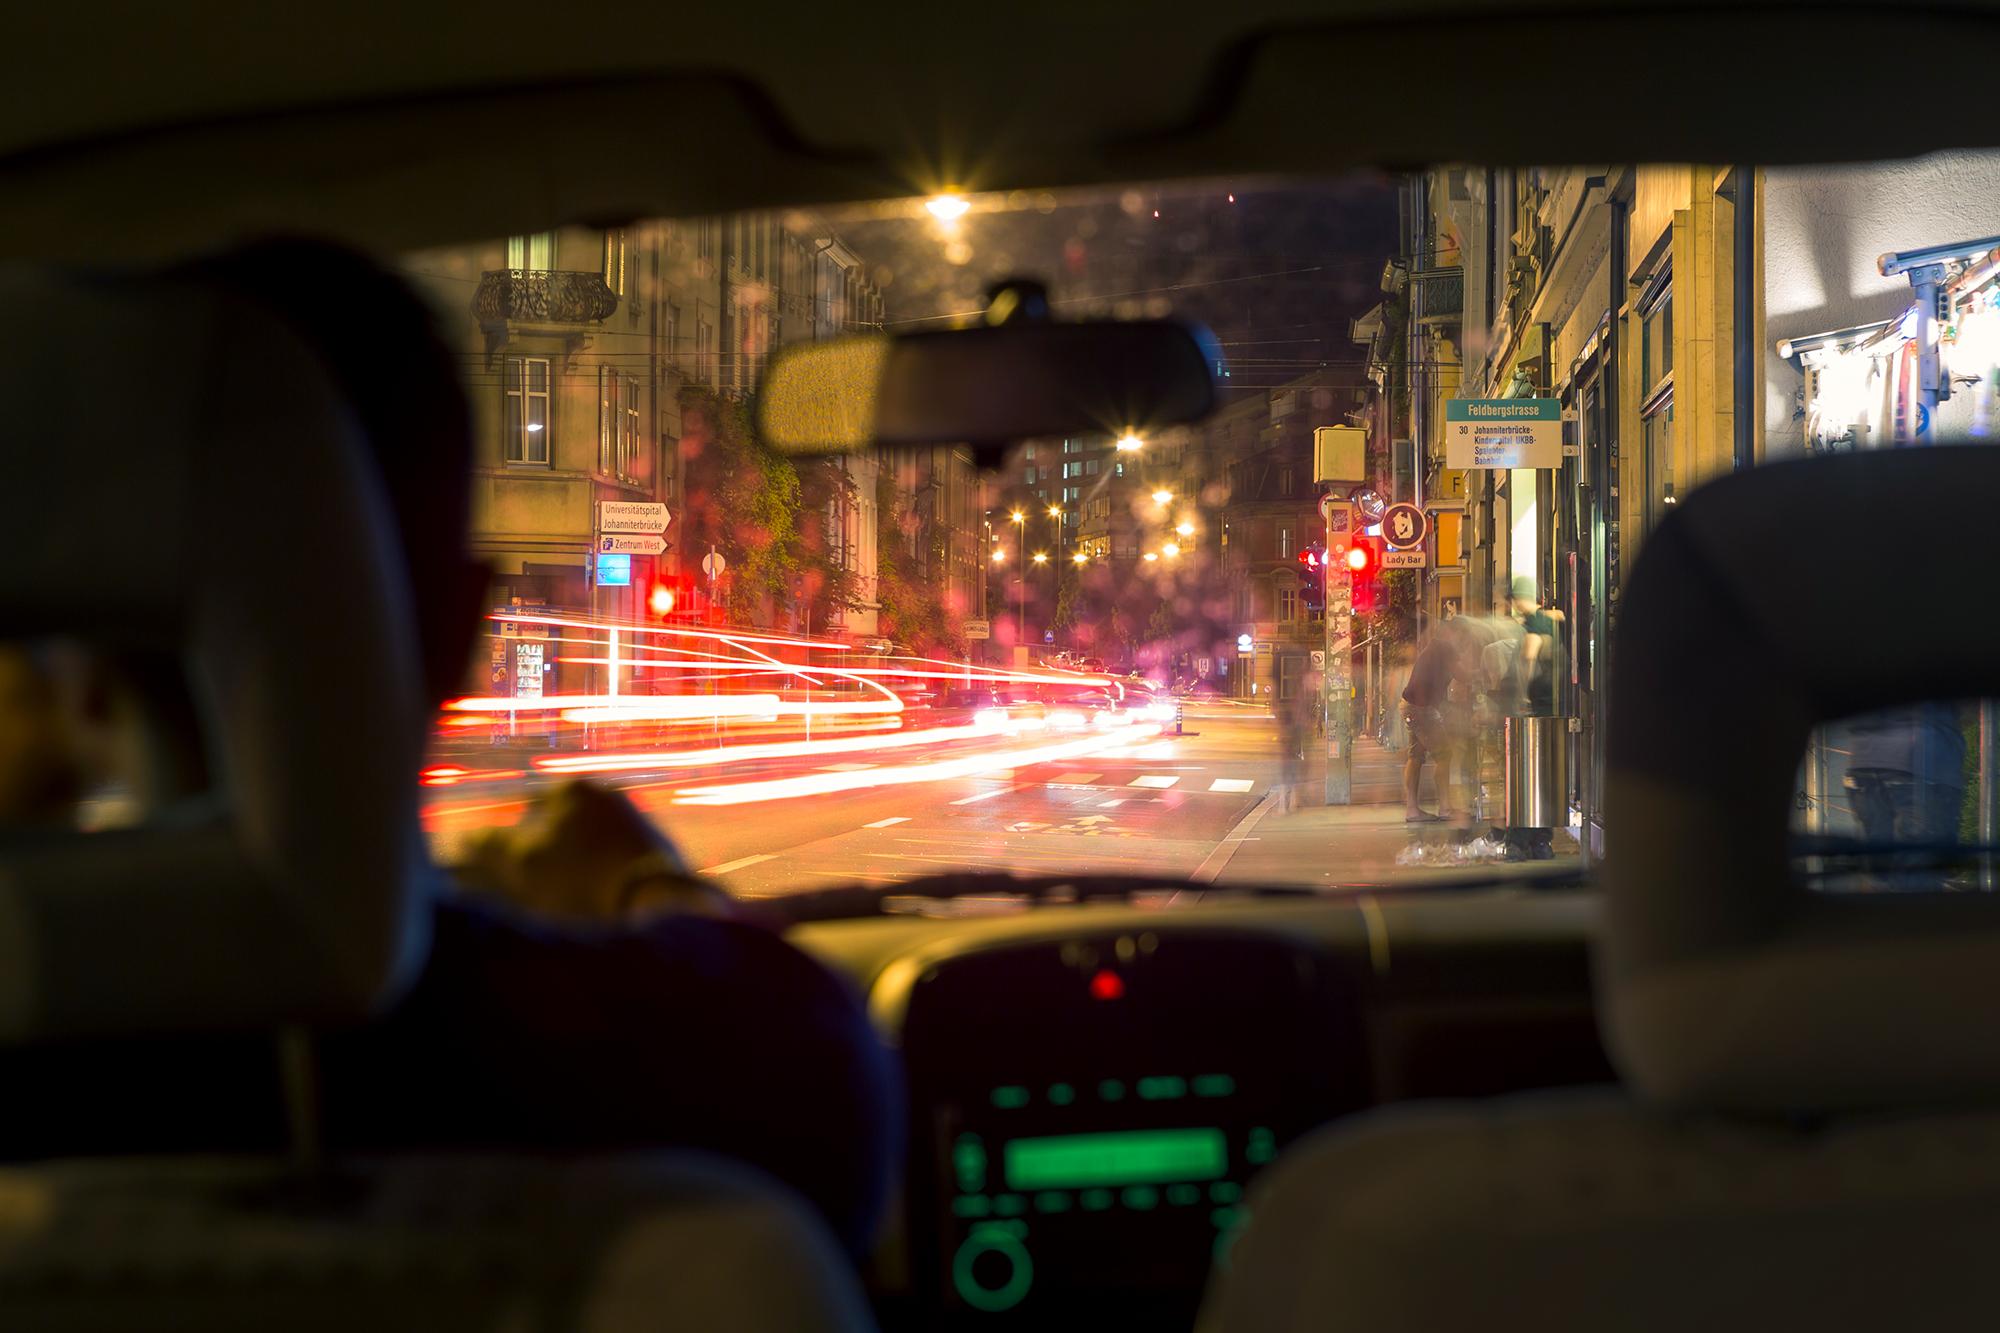 UberPop-Fahrer erzählen, dass die App keine Grenzen kenne: Theoretisch könnte man 24 Stunden am Stück mit Uber fahren.